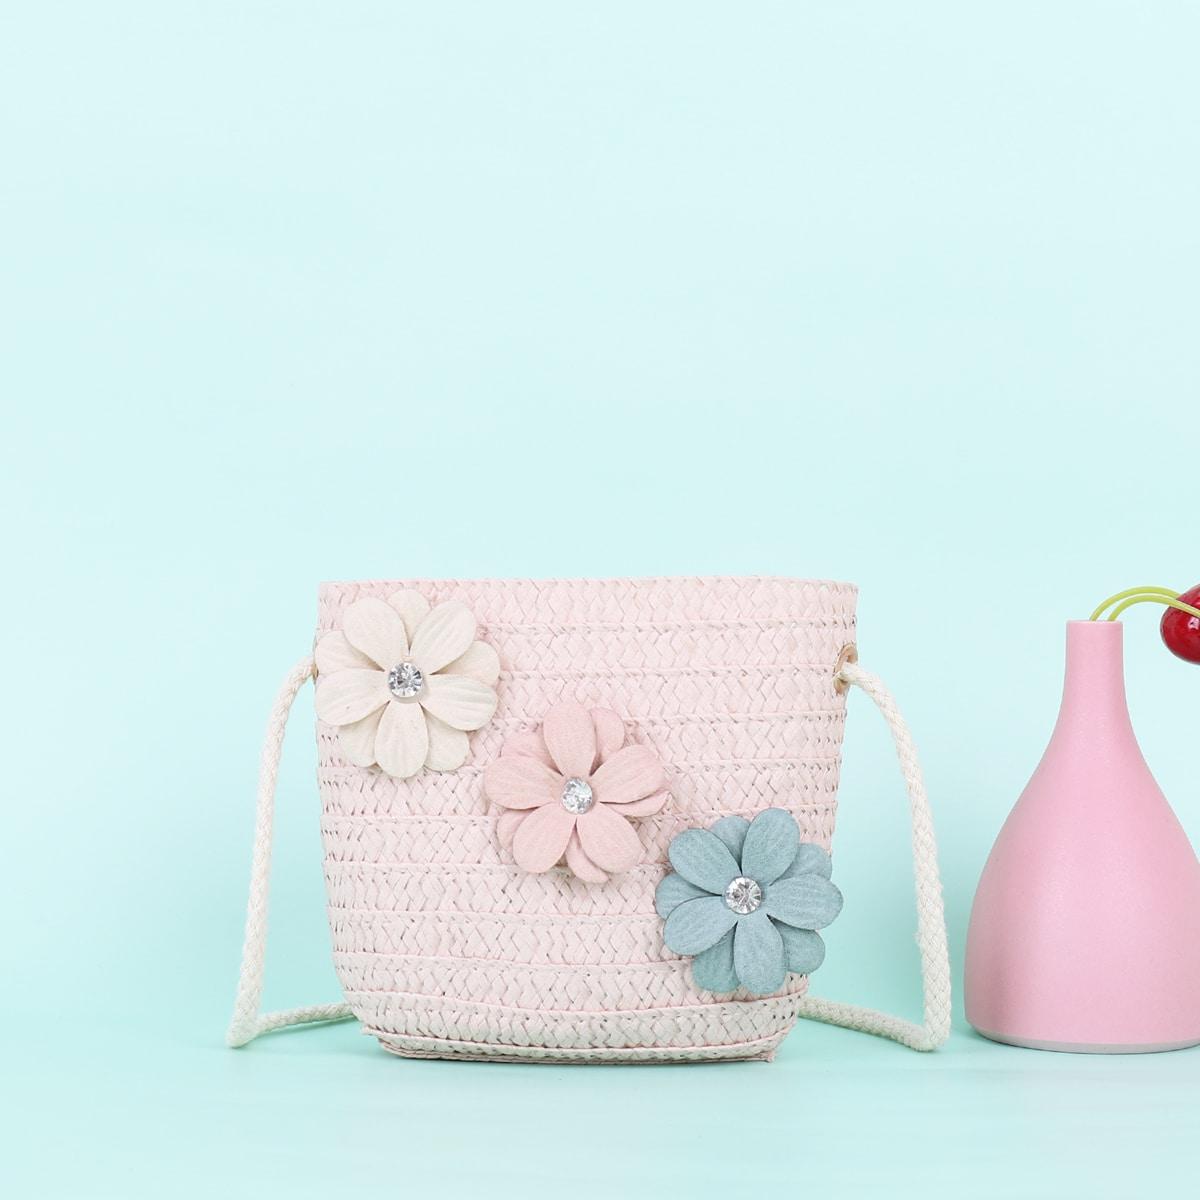 со стразами Со цветочками Детские сумки через плечо SheIn skbag18210507143